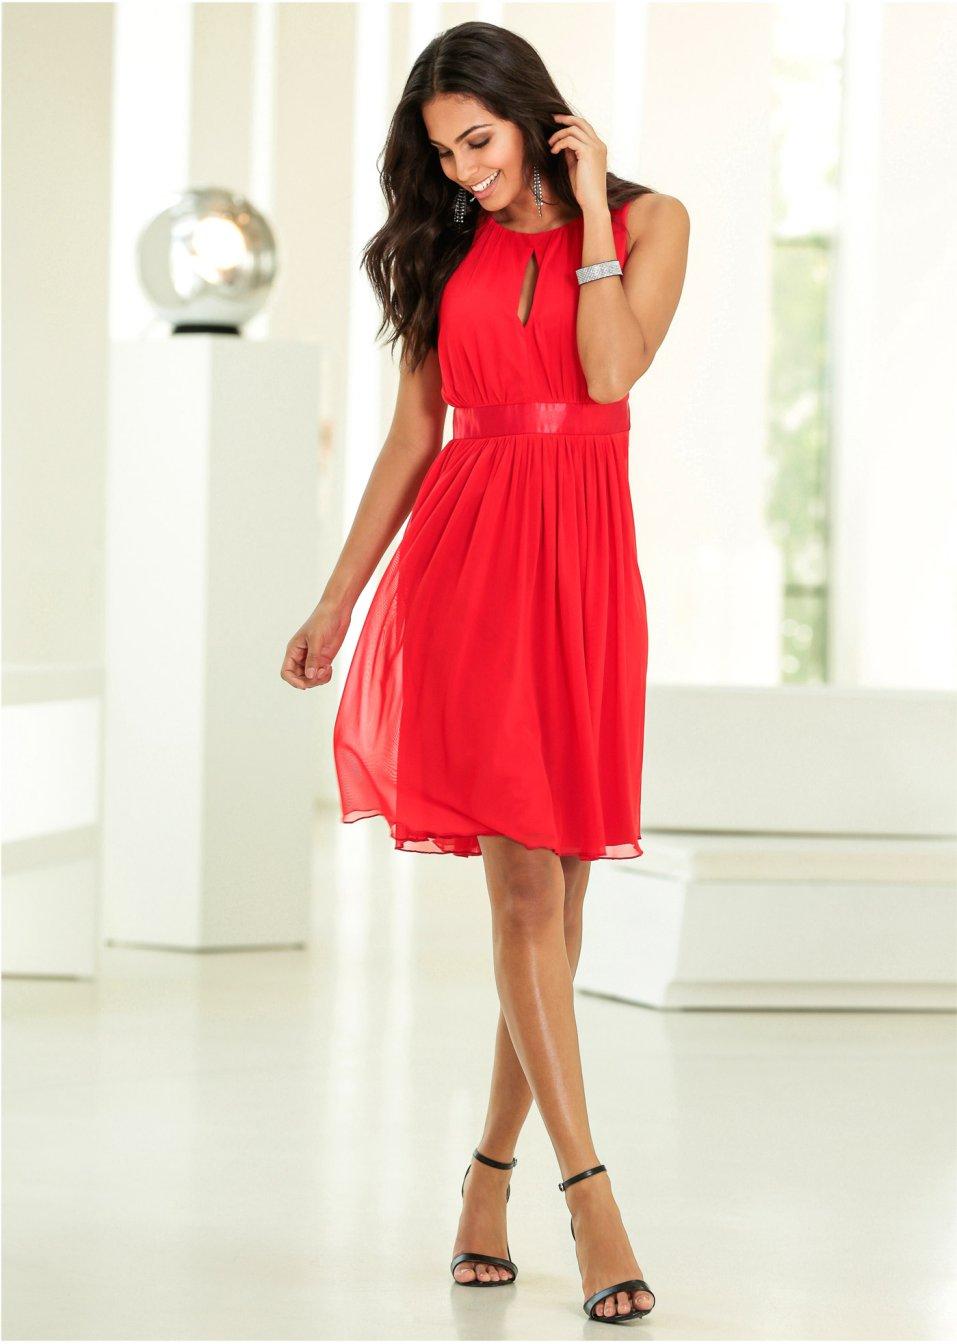 75dcf57b0753fb Abendkleider für besondere Anlässe online kaufen | bonprix